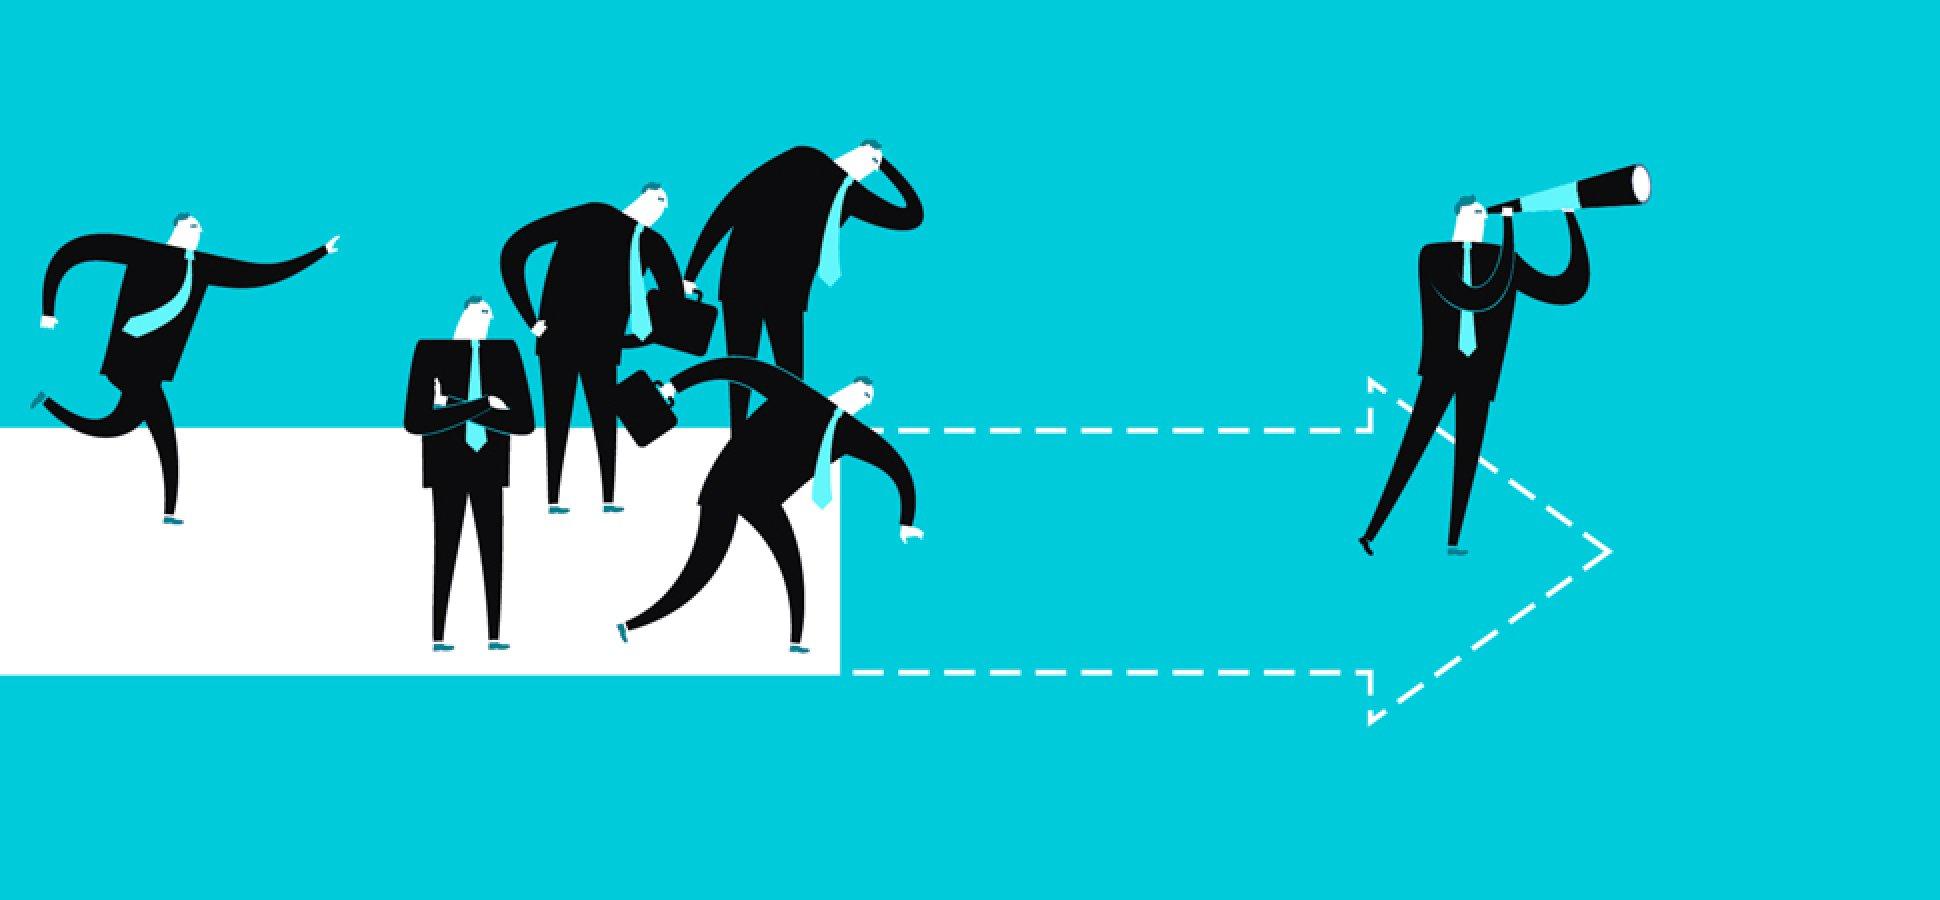 habilidades-de-liderazgo-para-ambientes-laborales-3.jpg